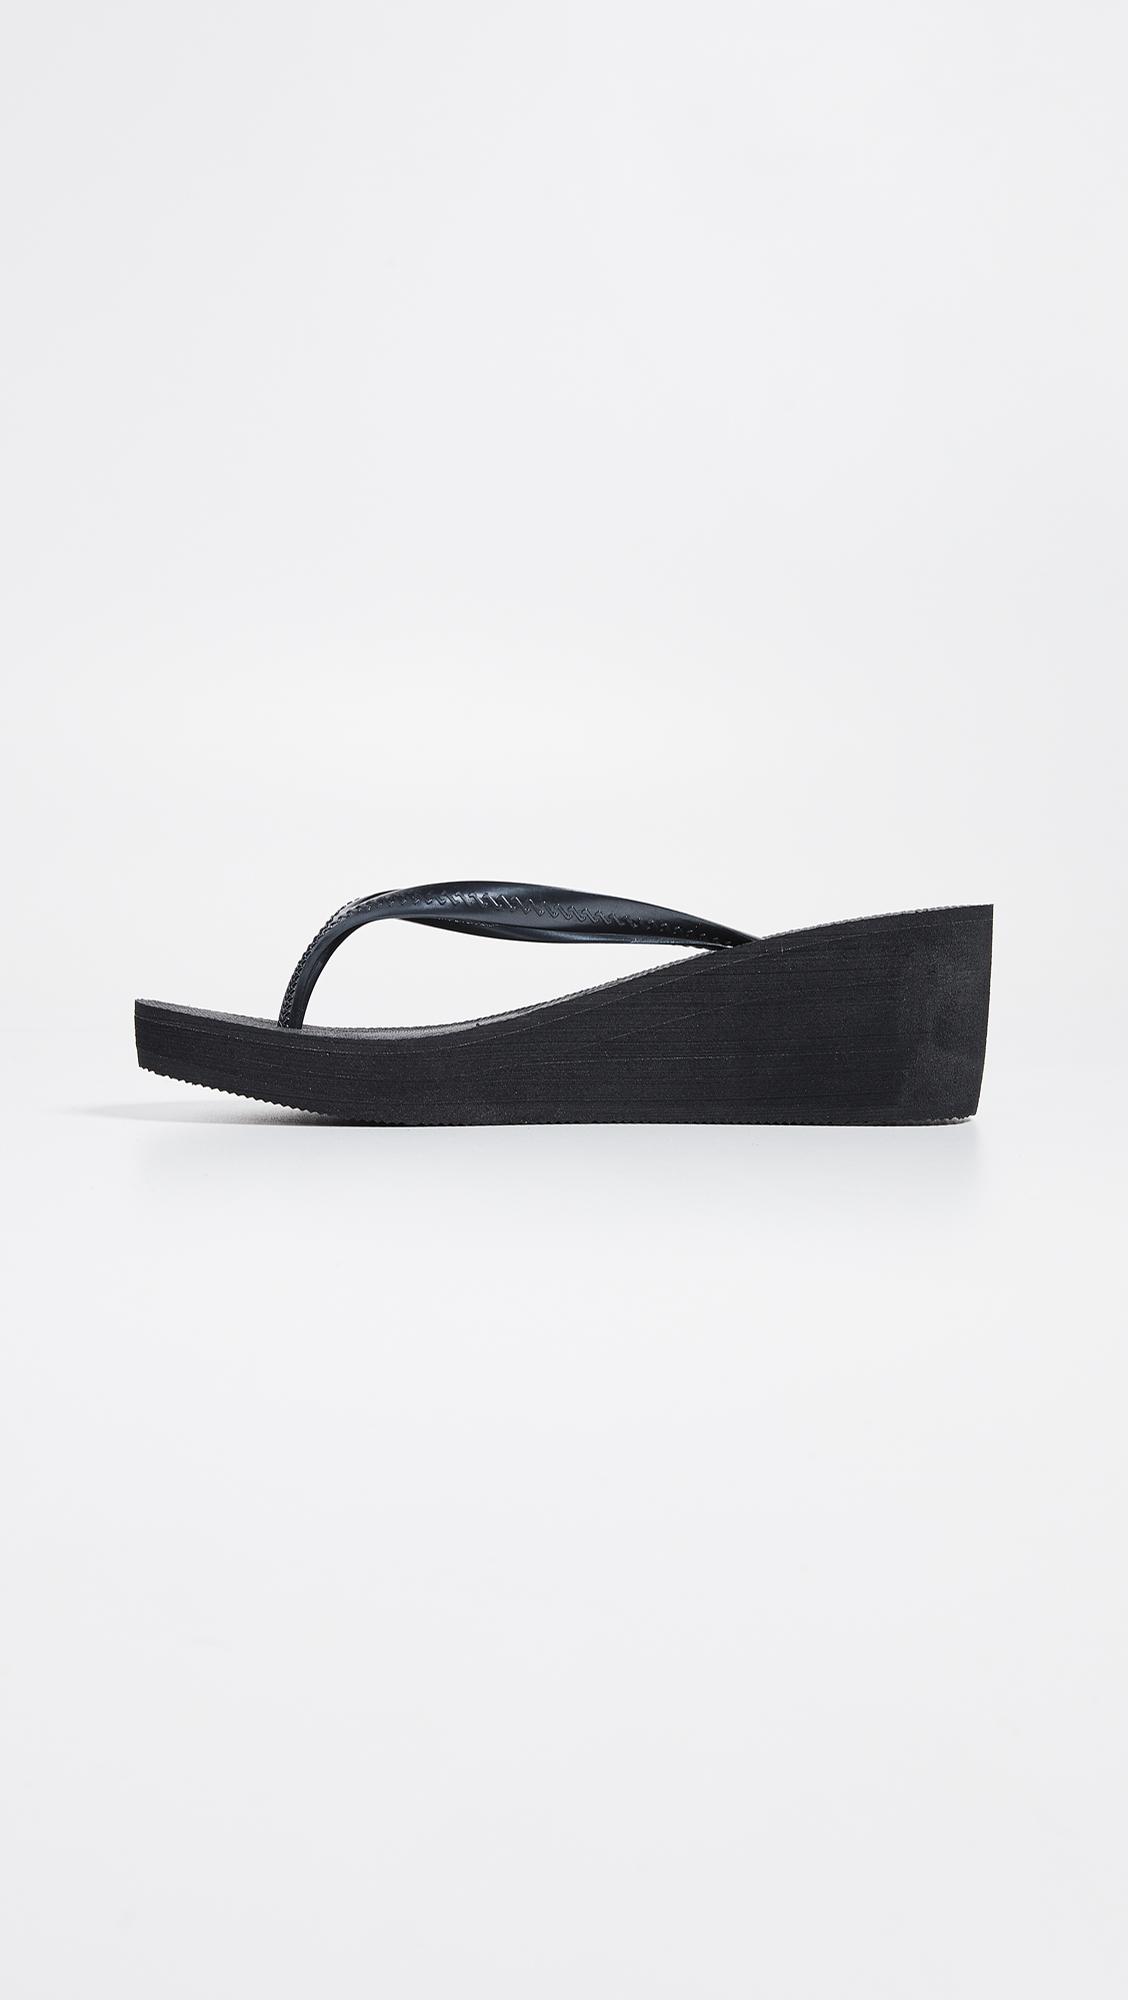 862a9bccd1d5a Havaianas High Fashion Wedge Flip Flops